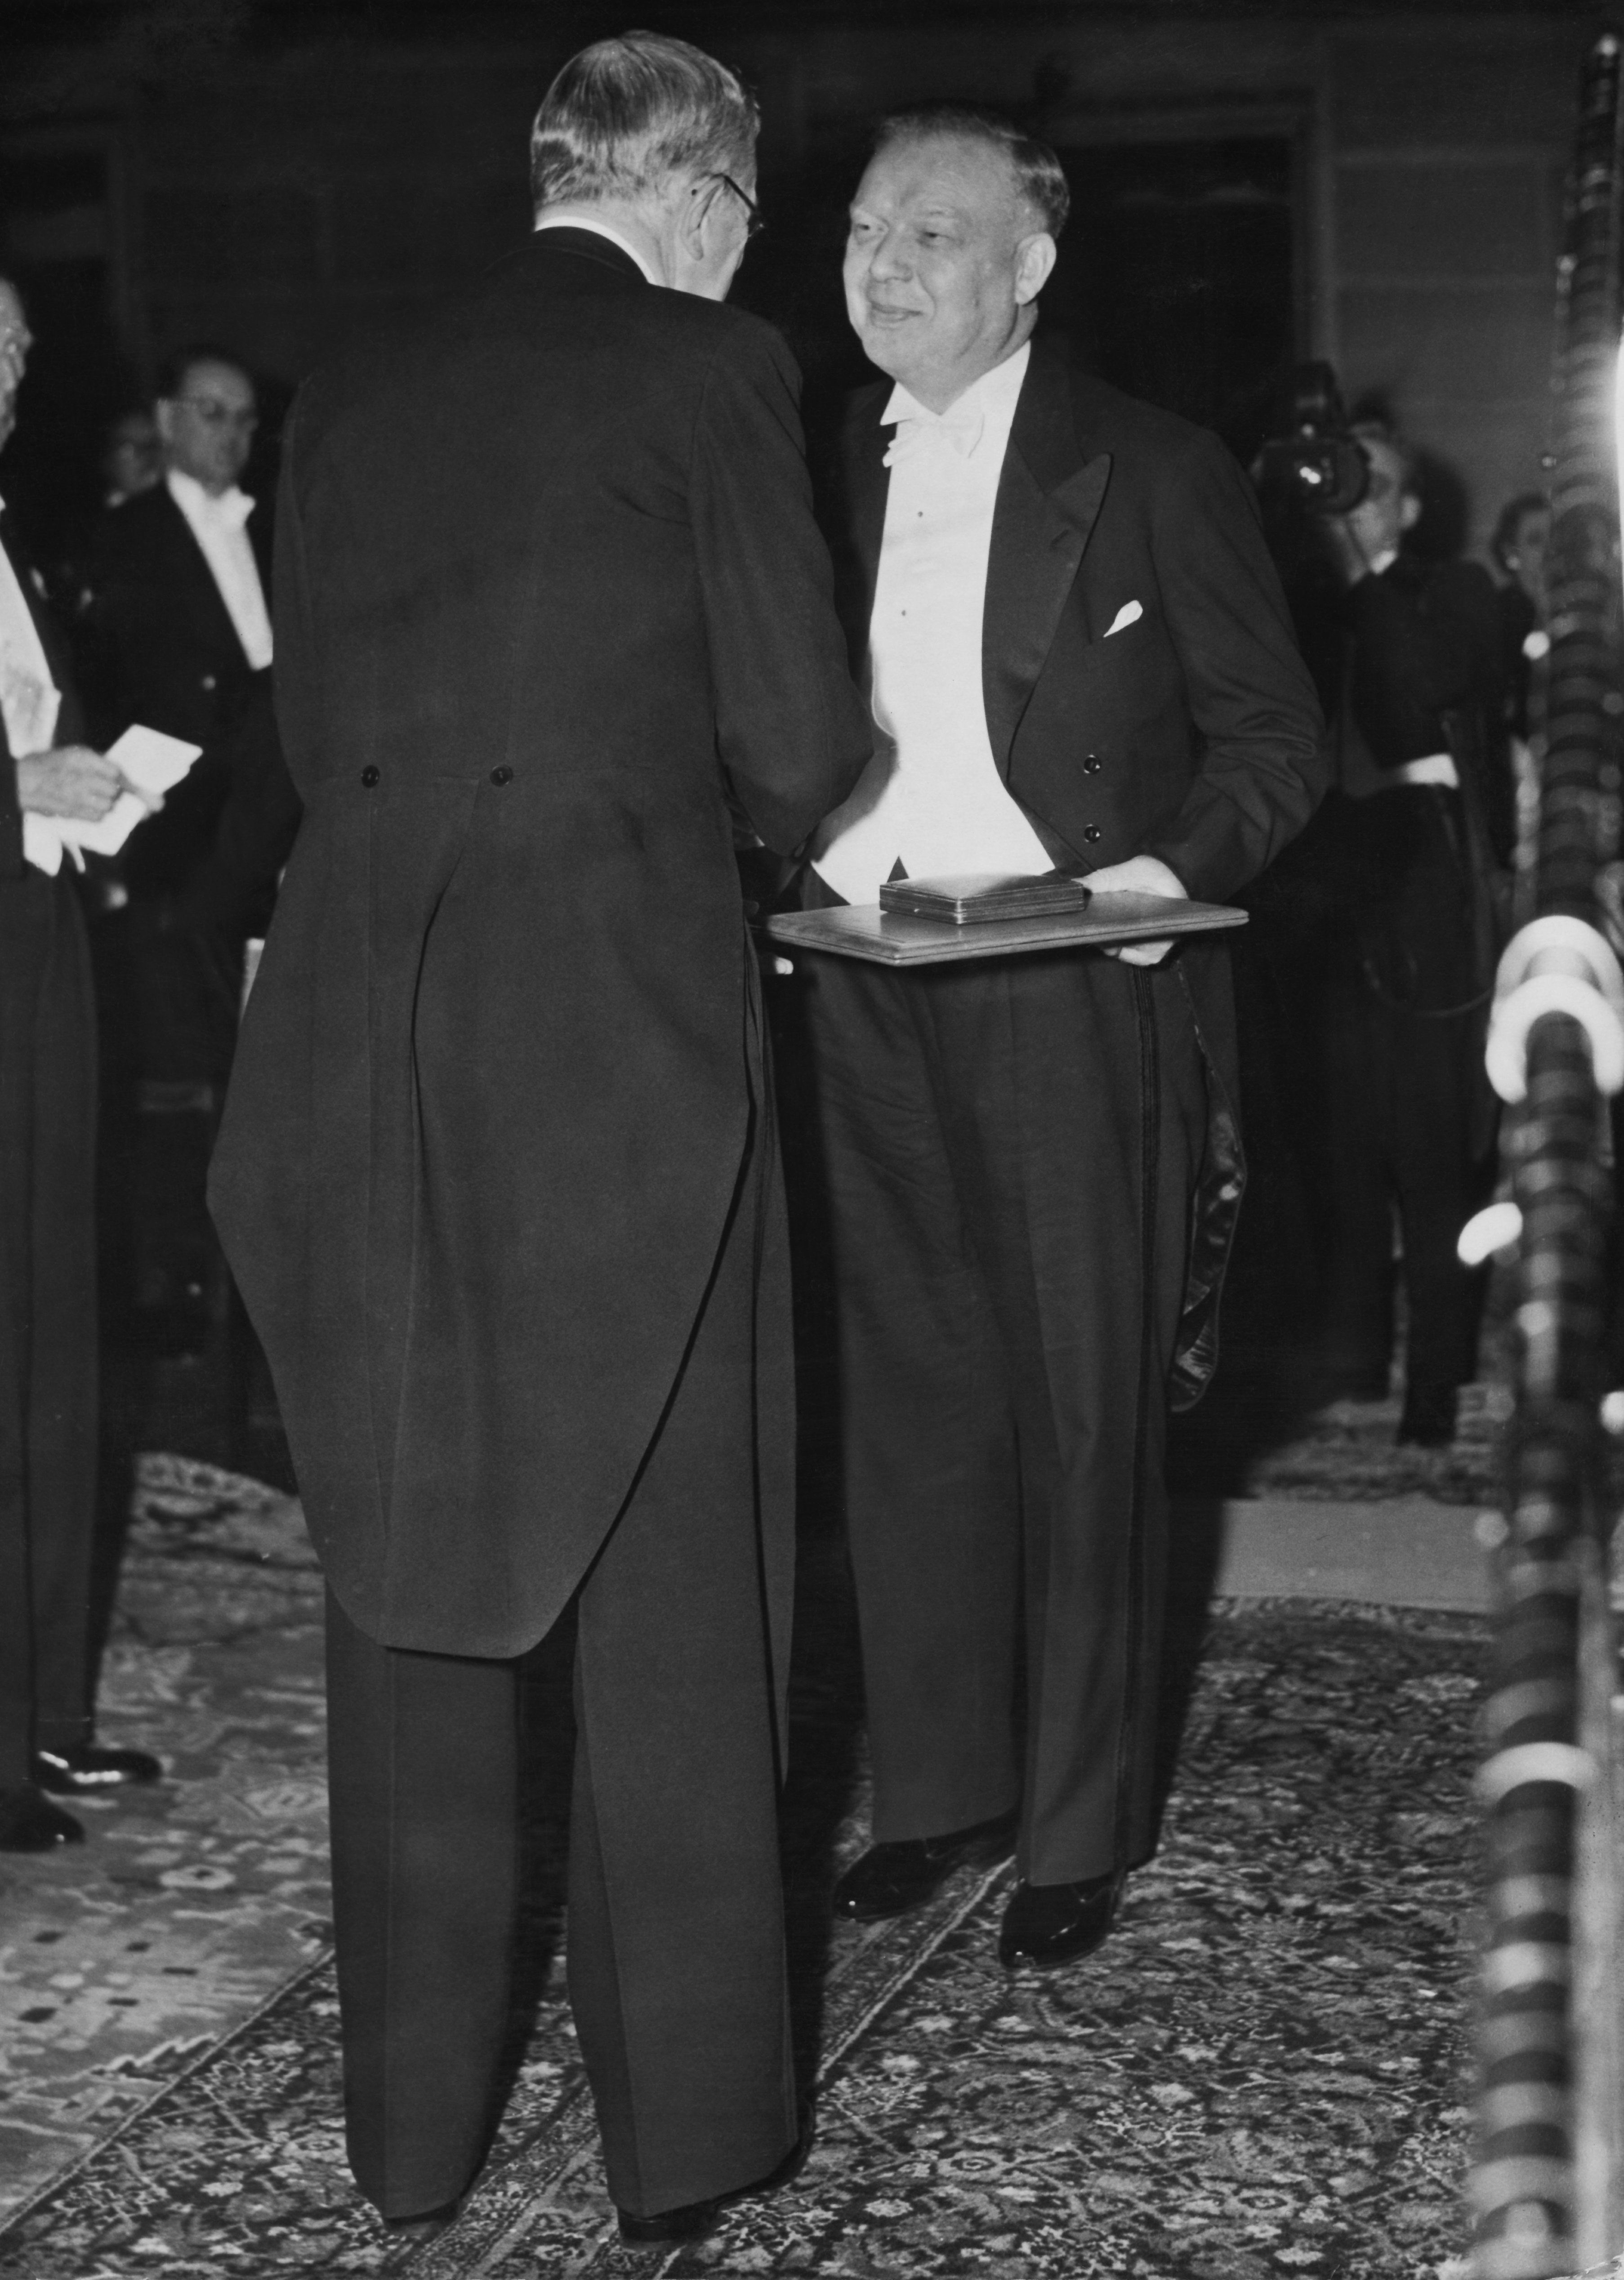 <p><strong>Катетър до сърцето</strong></p>  <p>Германският хирург Вернер Форсман искал непременно да докаже, че е възможно гъвкав катетър да бъде прокаран от сгъвката на лакътя чак до сърцето. Шефовете на Форсман му забранили категорично да провежда подобен експеримент. Той обаче не се отказал от него. През 1929 г. изпробвал теорията си лично &ndash; тайно, разбира се.</p>